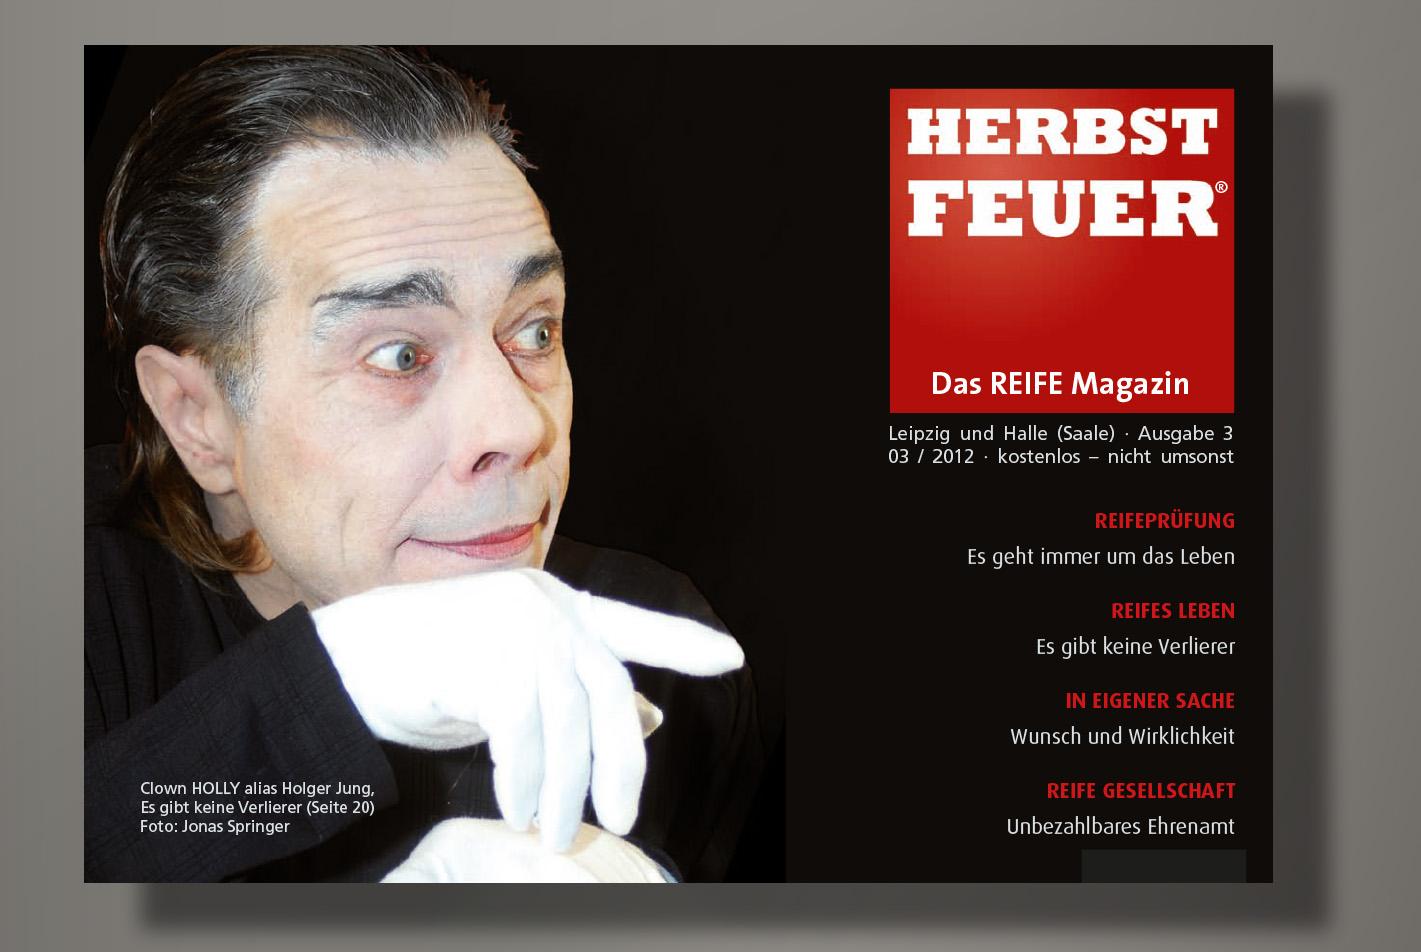 HERBSTFEUER – Das REIFE Magazin für Leipzig und Halle (Saale); Ausgabe 3